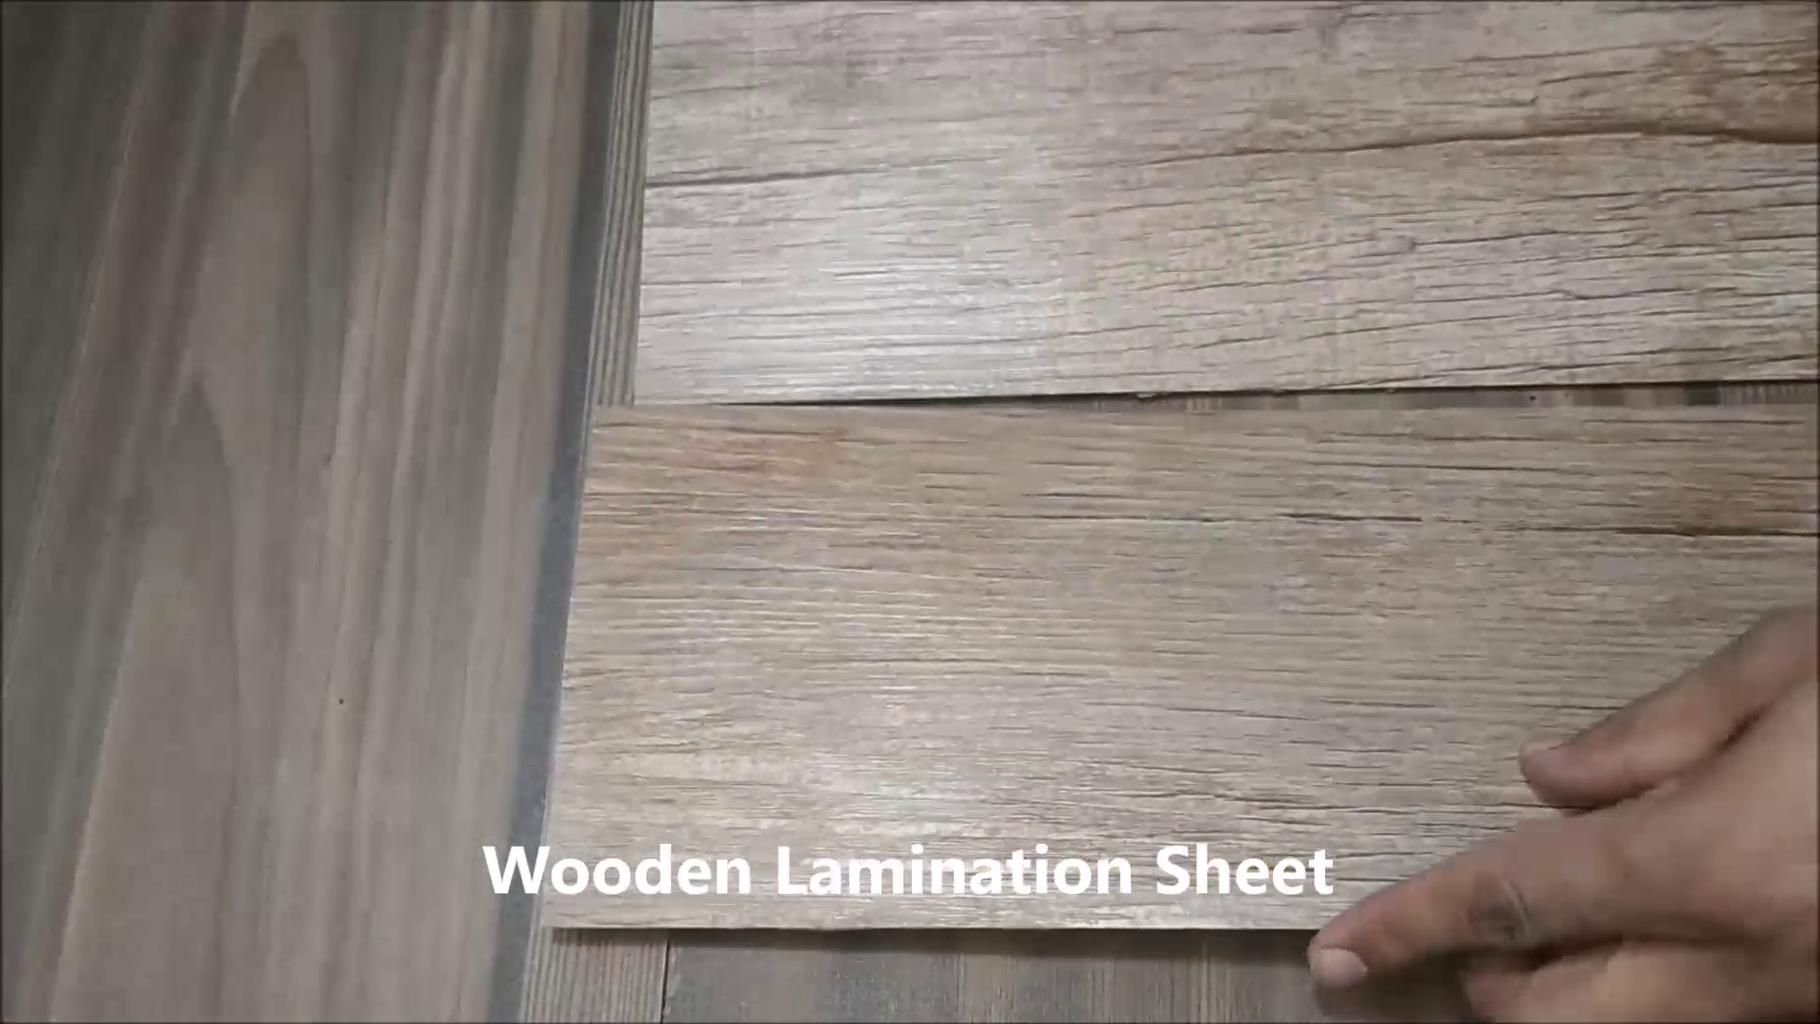 Use of Lamination Sheet